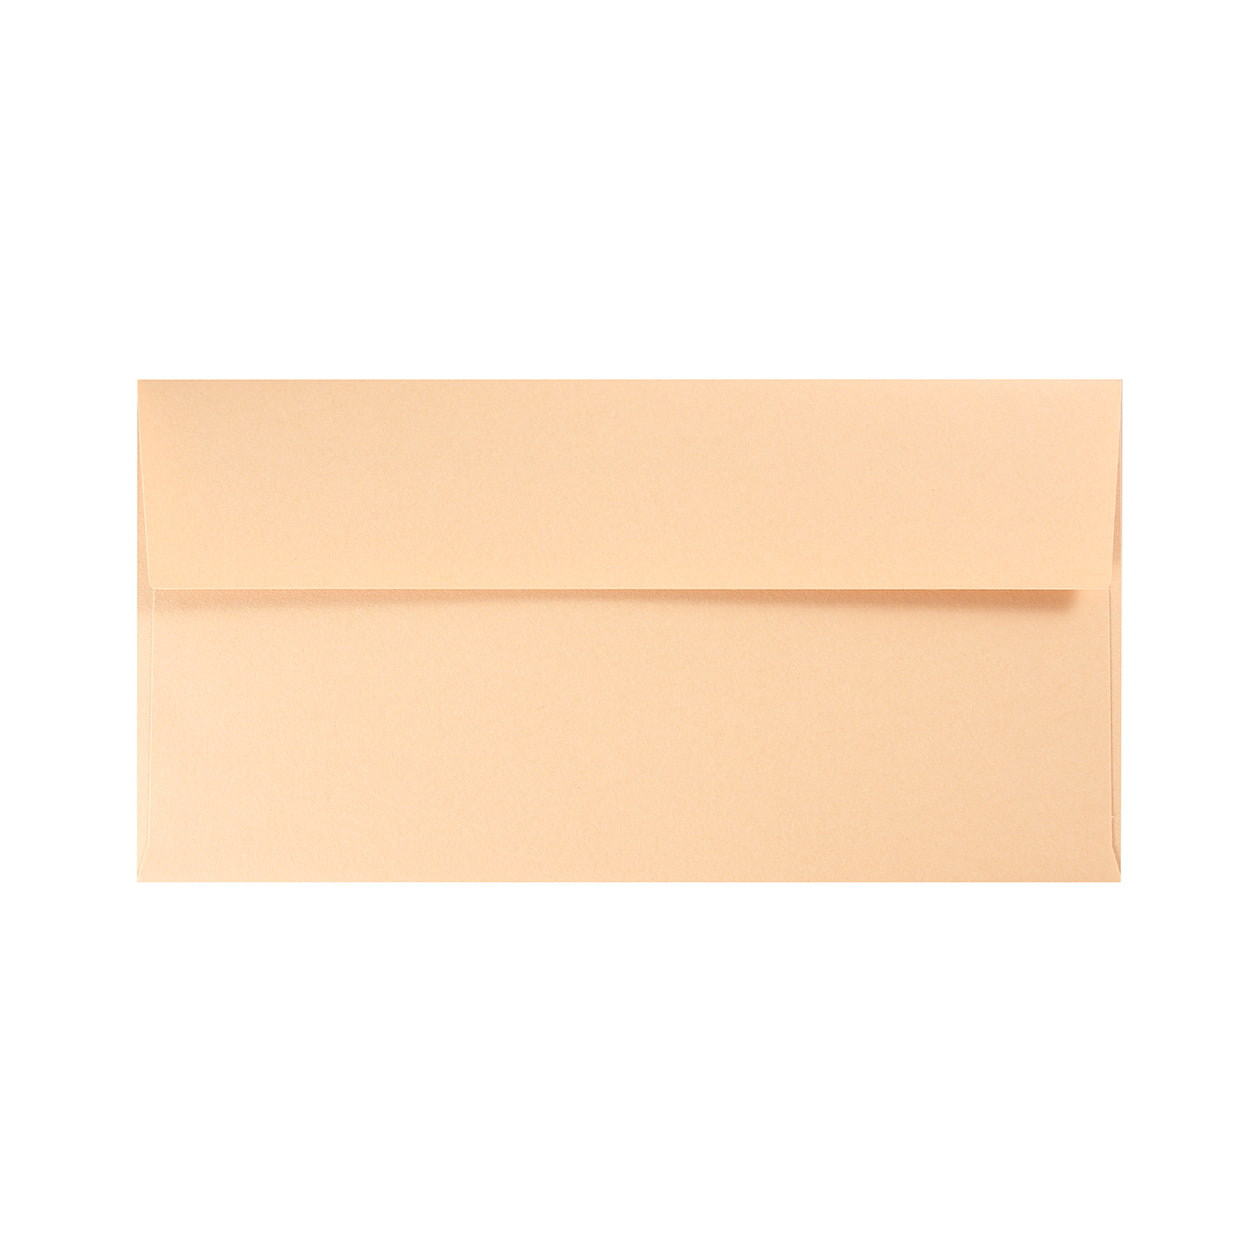 長3カマス封筒 コットン(NTラシャ) 古染 116.3g